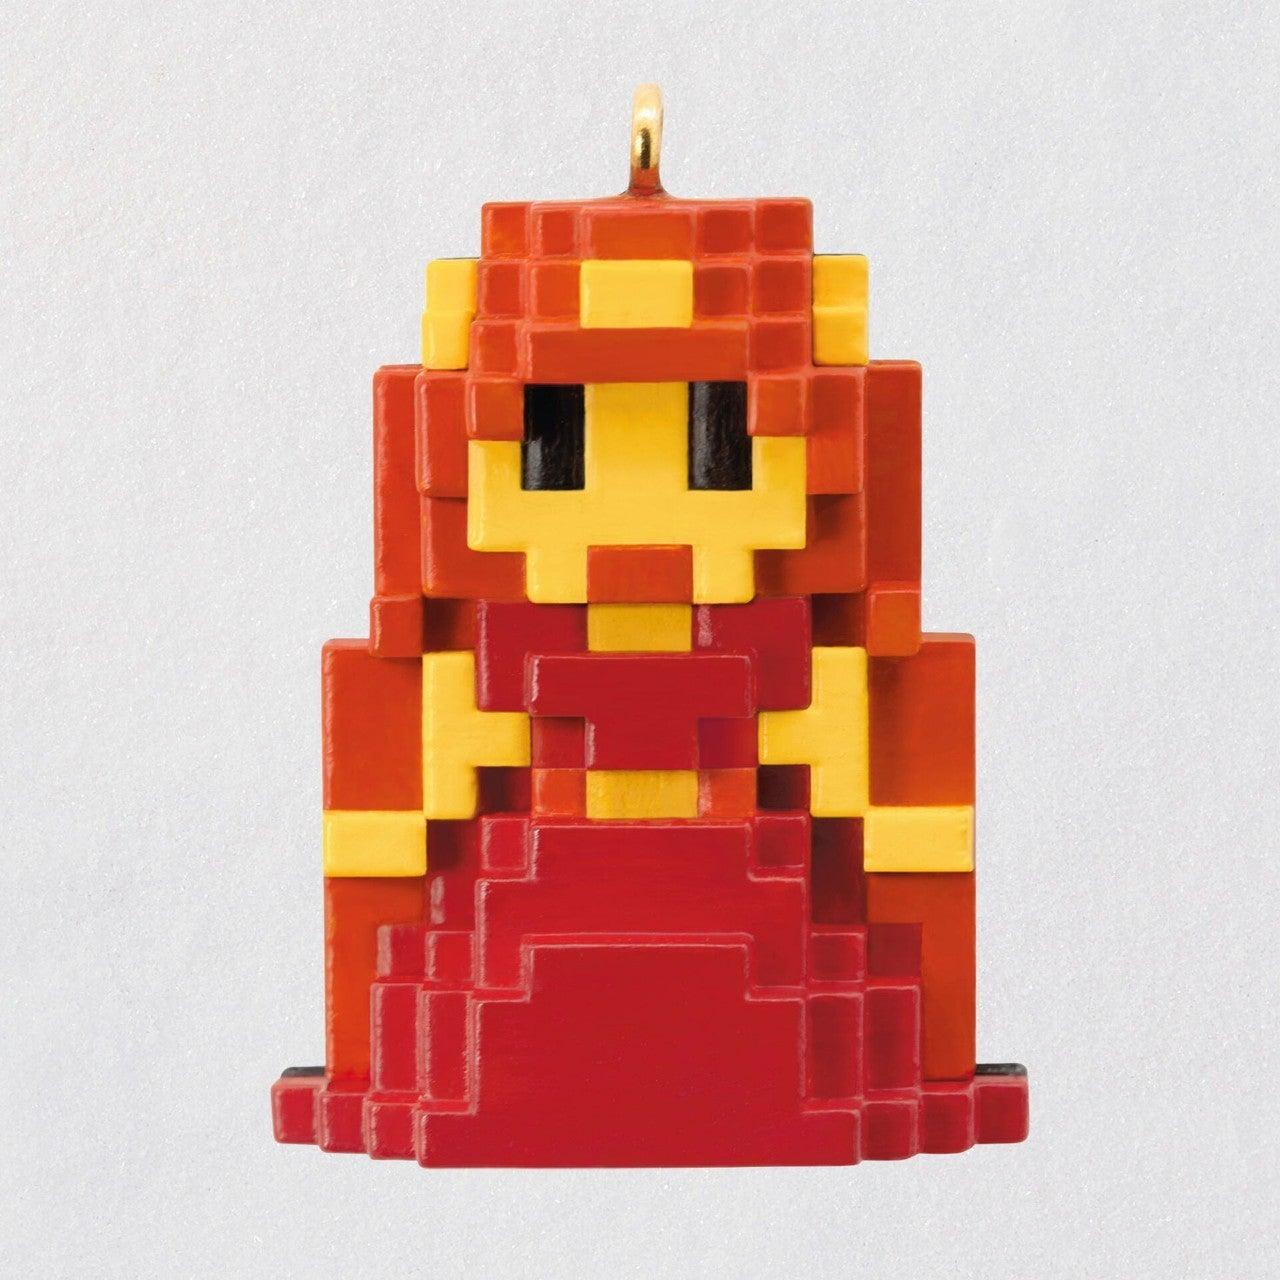 Mini-Nintendo-Die-Legende-von-Zelda-Prinzessin-Zelda-Andenken-Ornament_899QXM8332_01